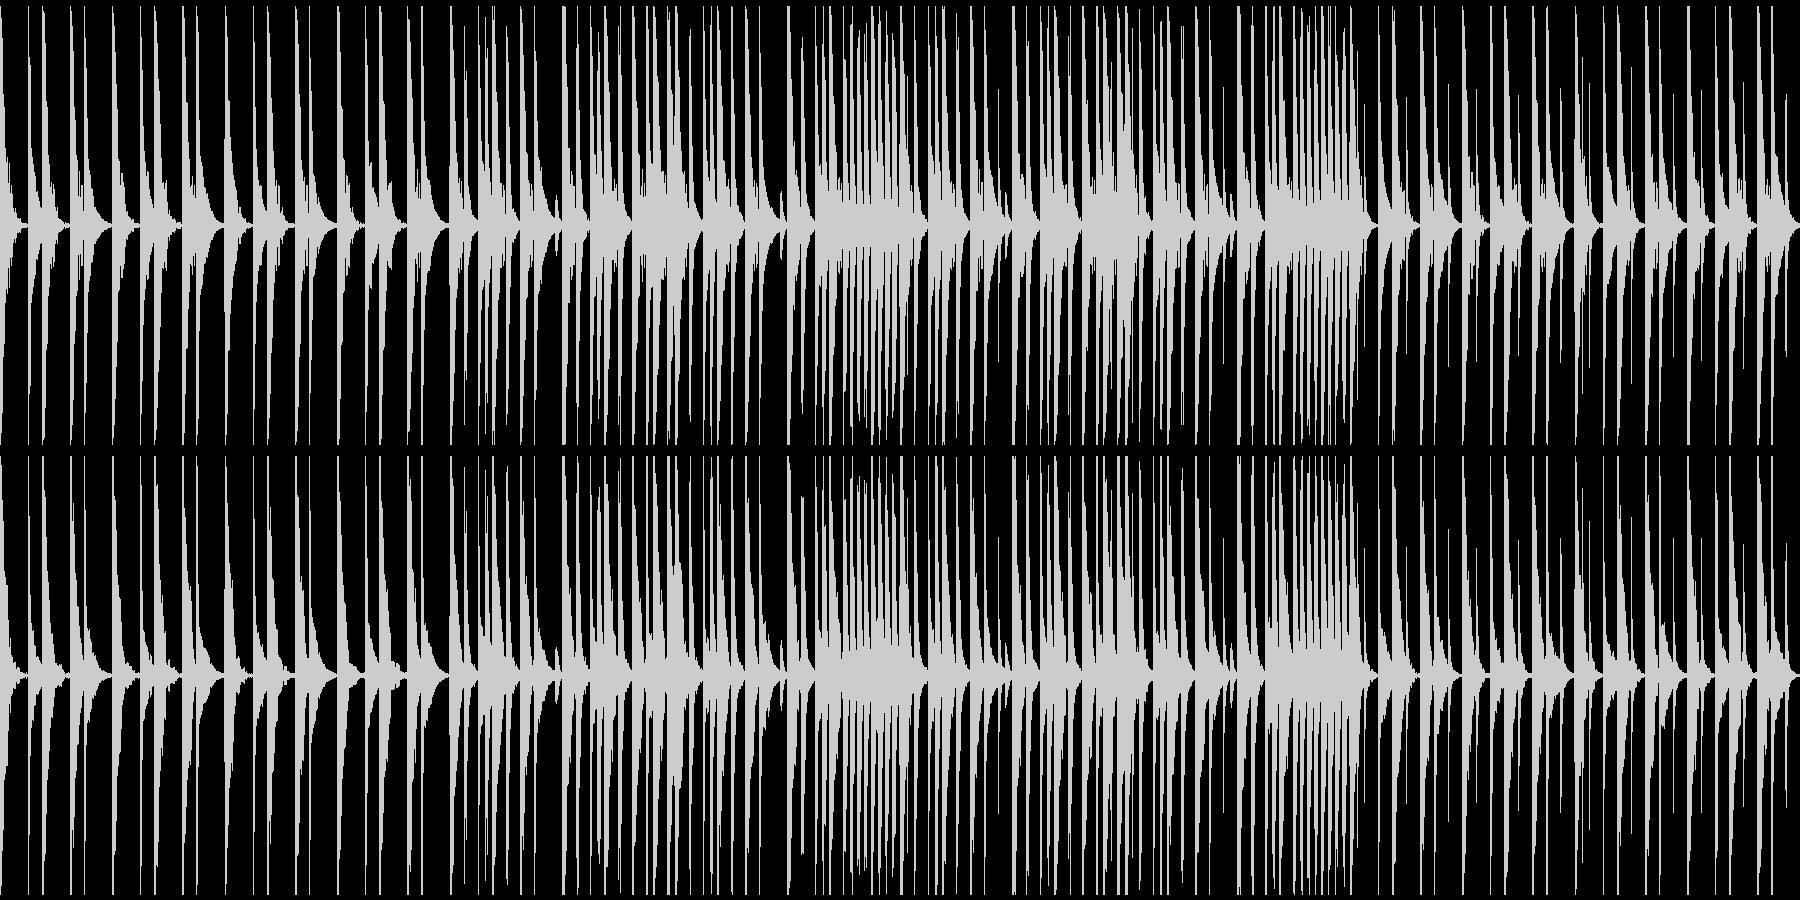 P〇AP、R〇ZAP風のドラムループの未再生の波形